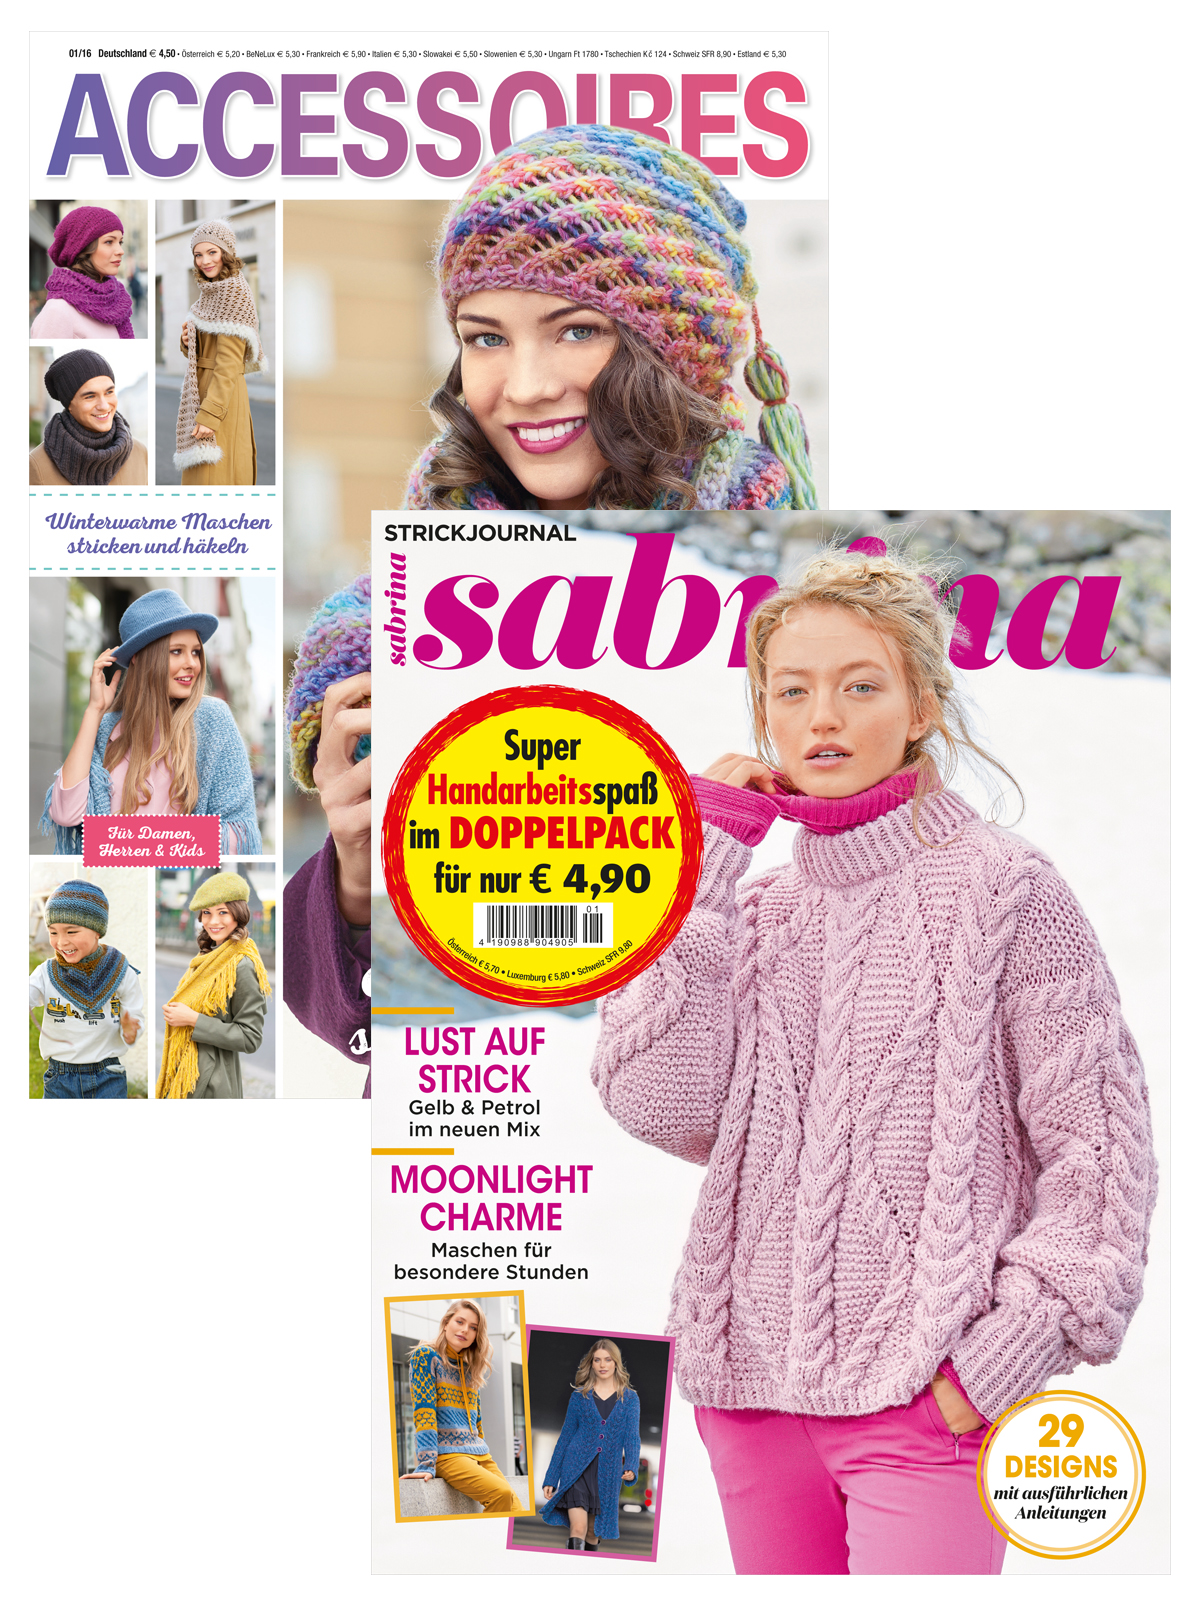 2 Zeitschriften: Sabrina Nr. 1/2020 und Accessoires 1/2016 (Mützen & Tücher)